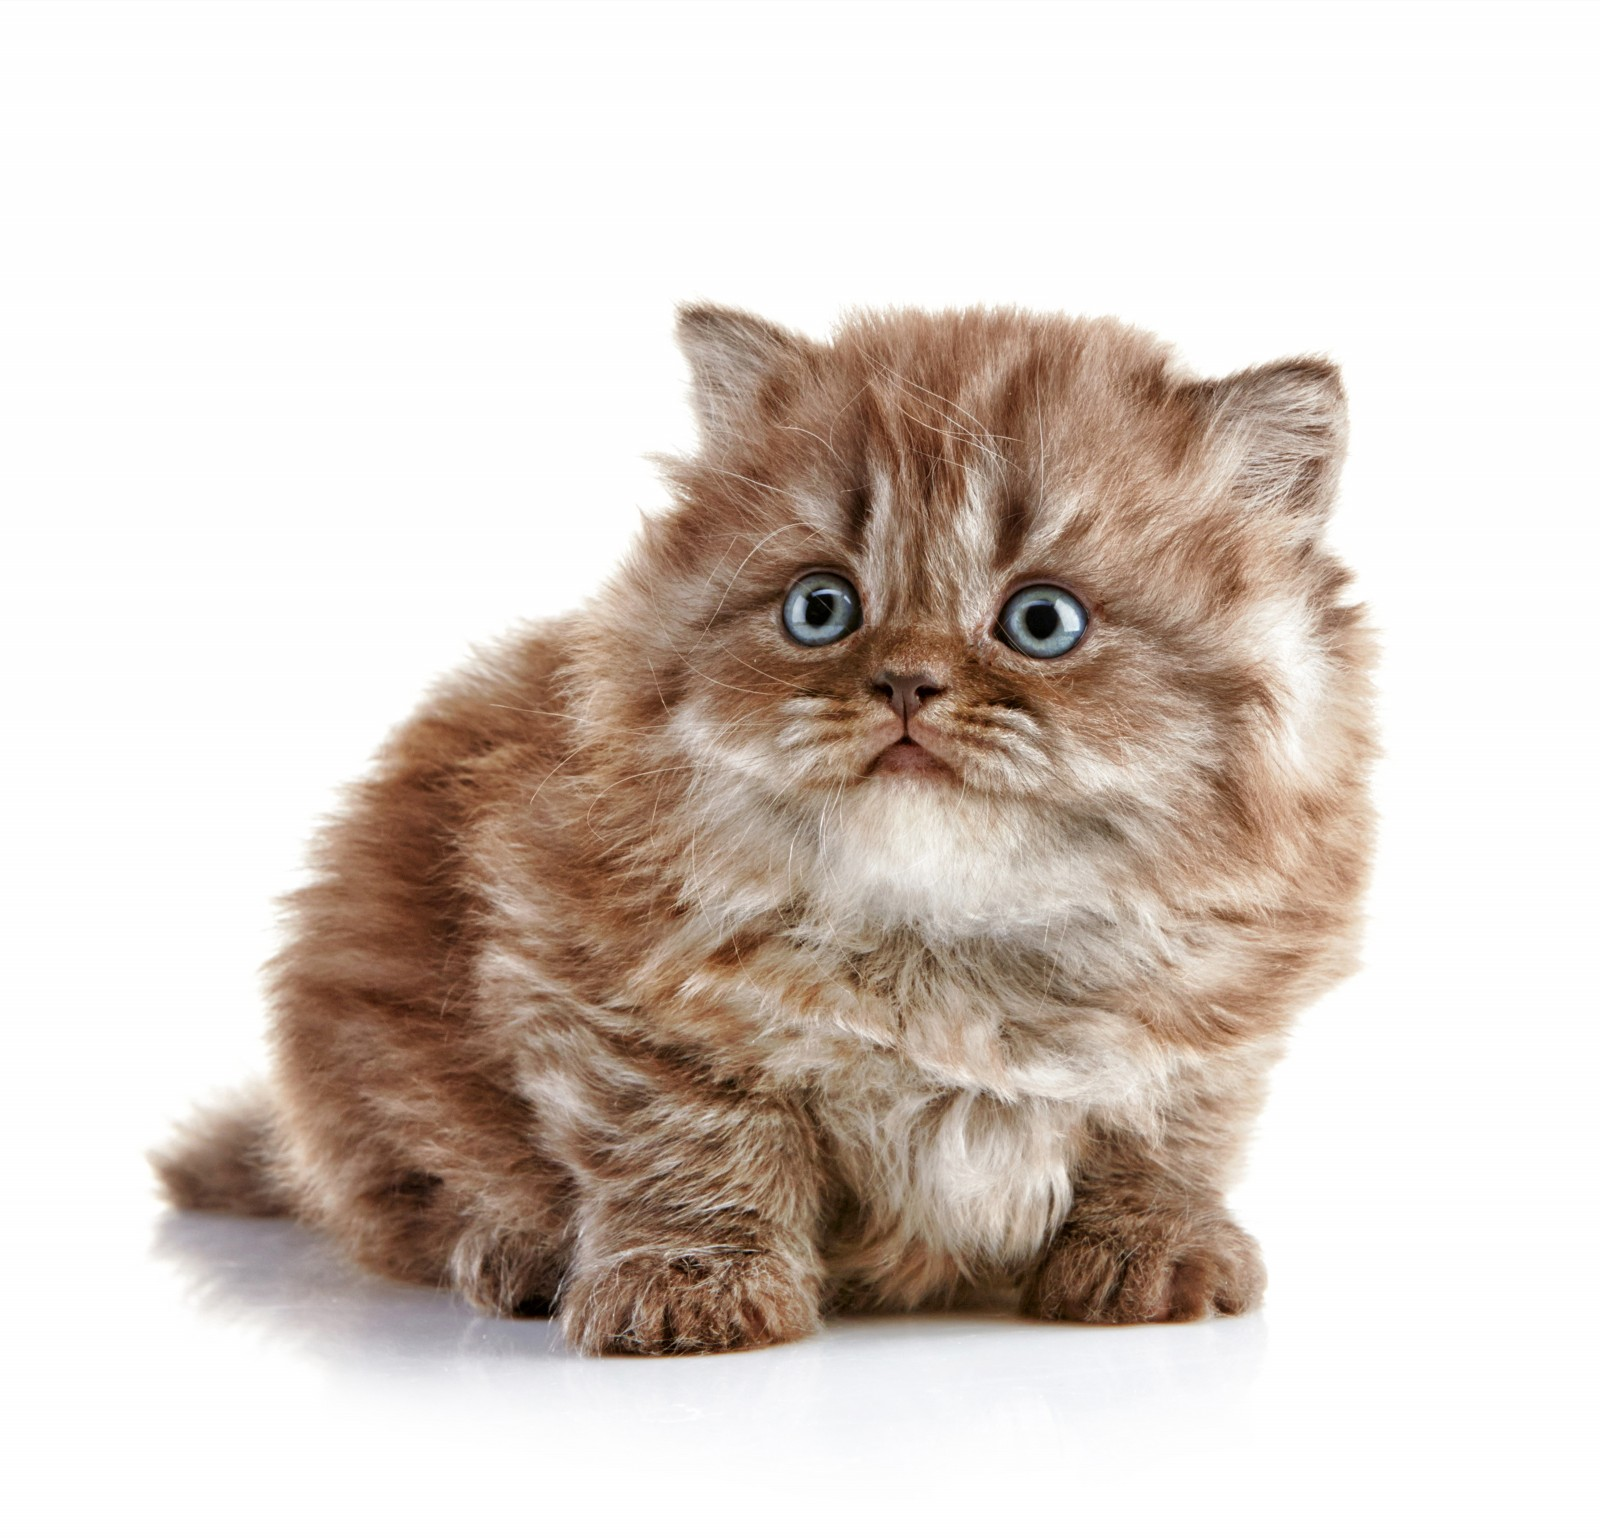 Очаровательный котенок Британской длинношерстной кошки фото